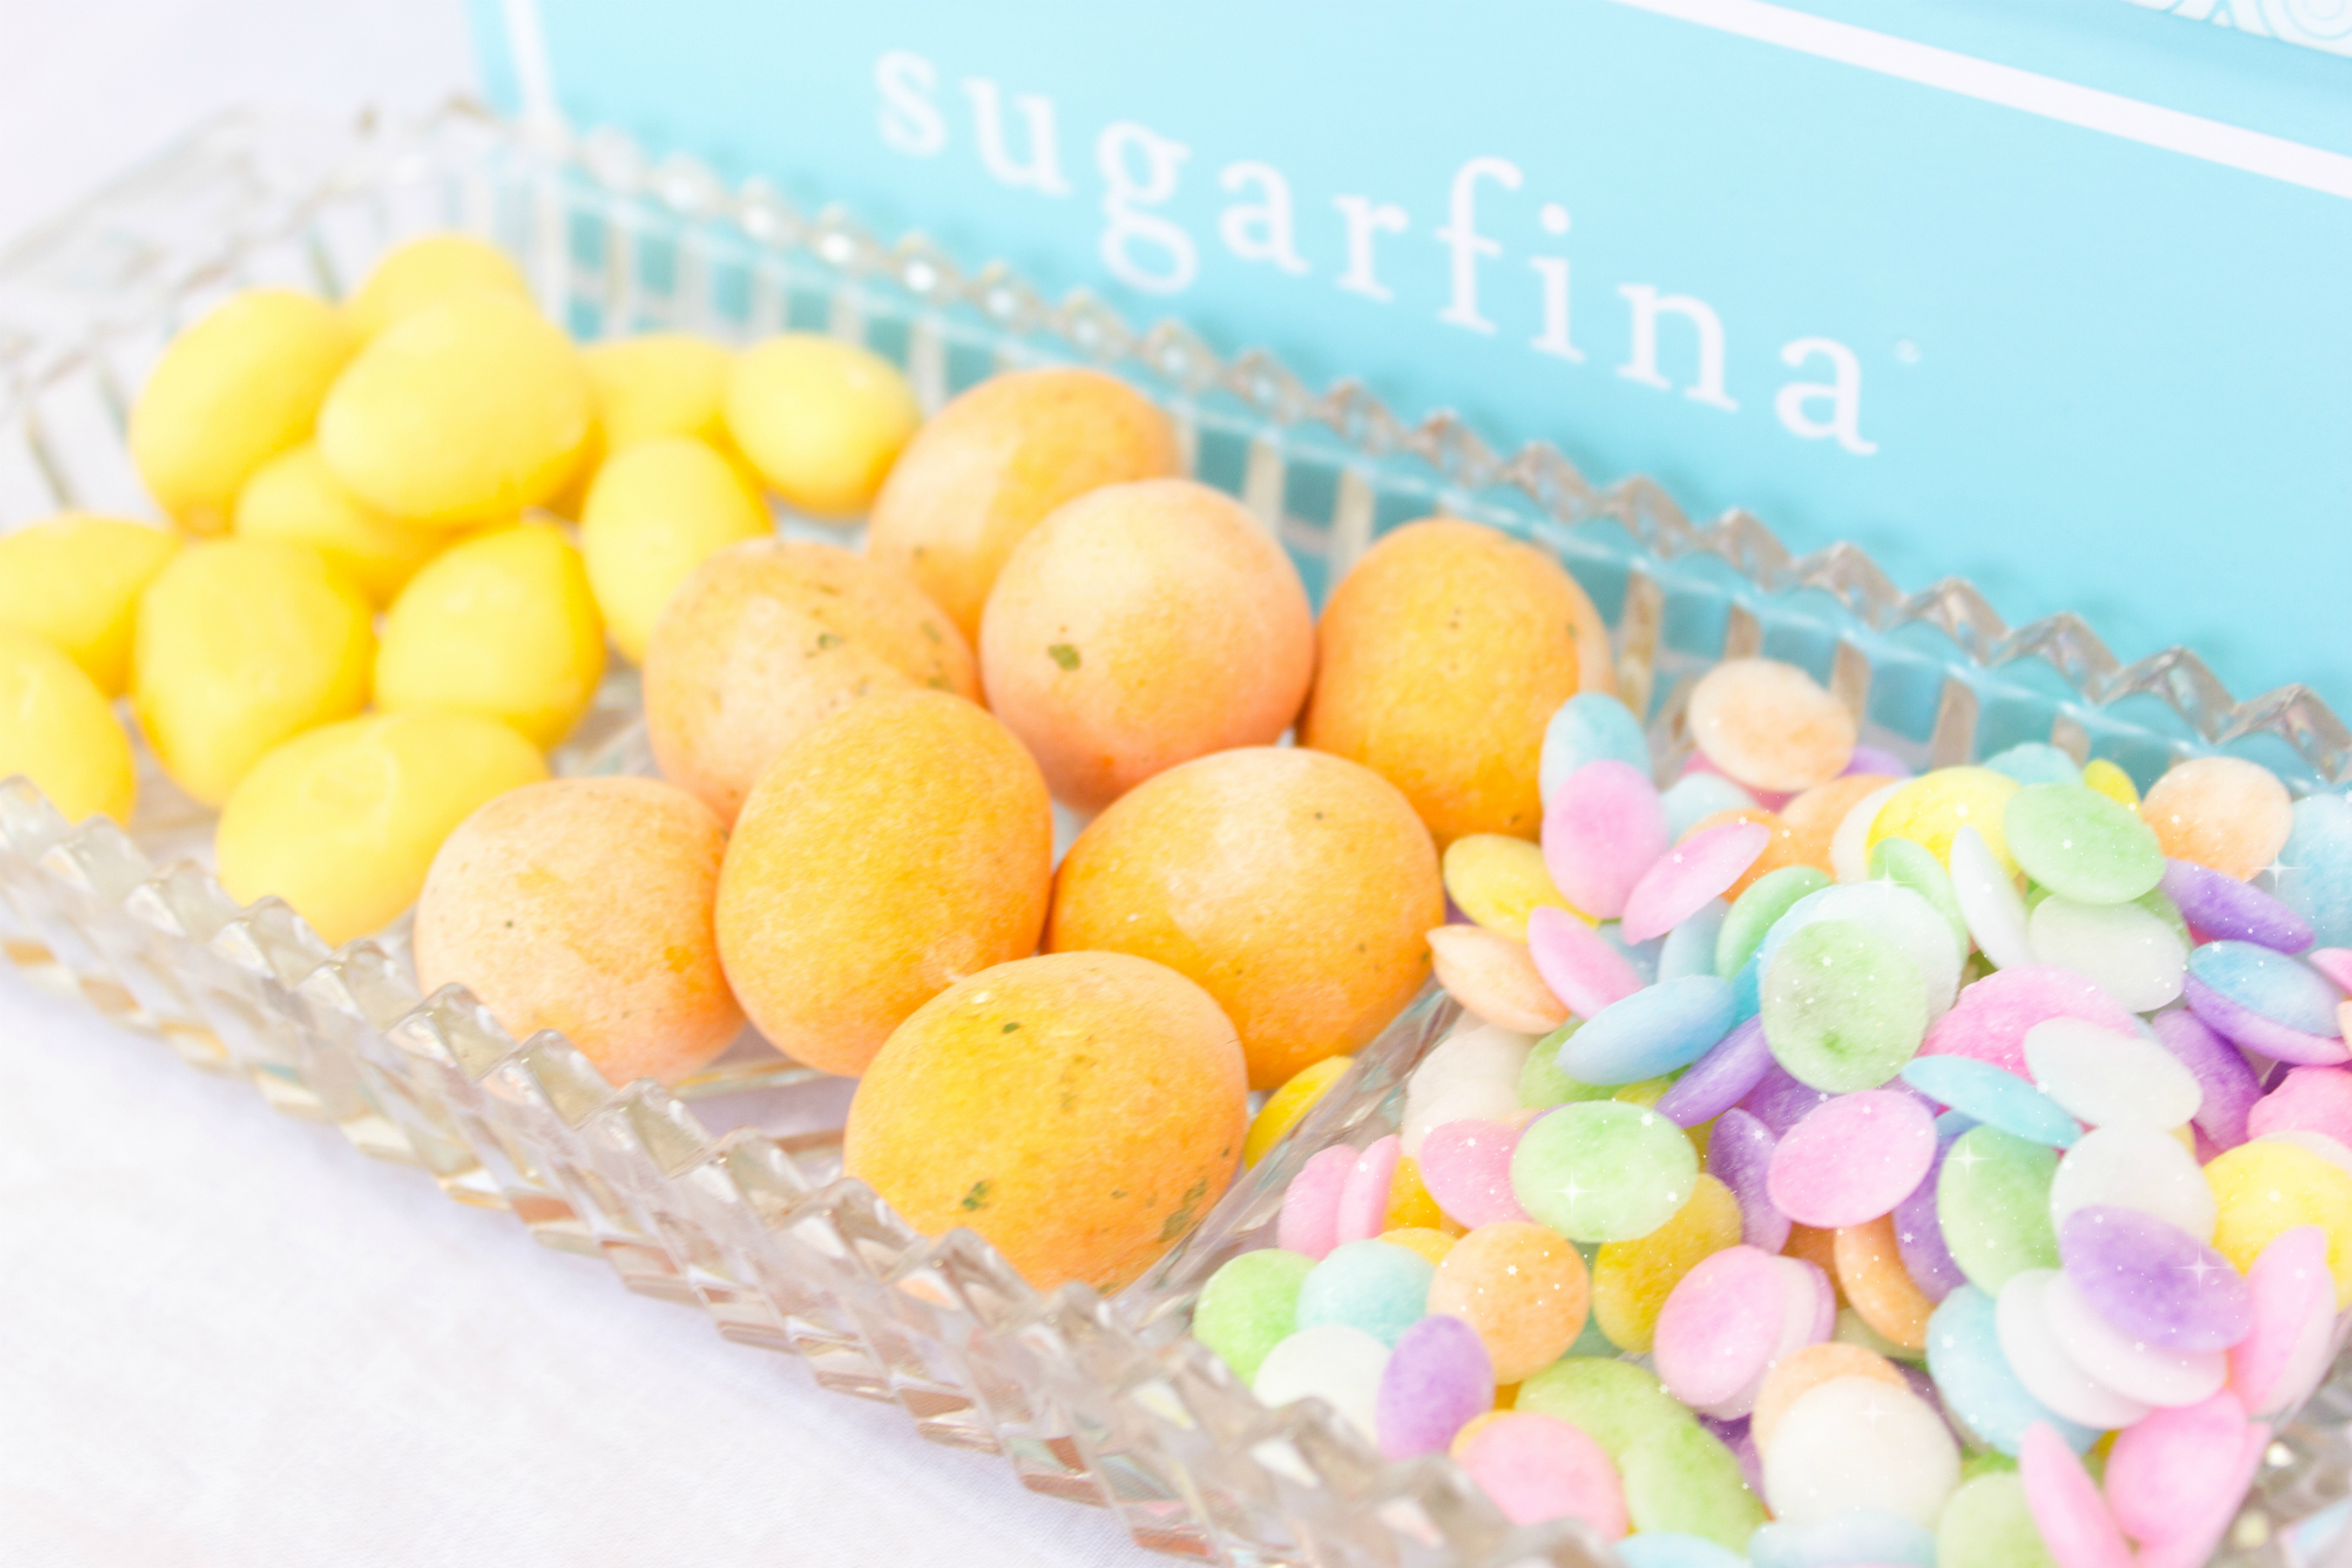 Sugarfina luxury candies